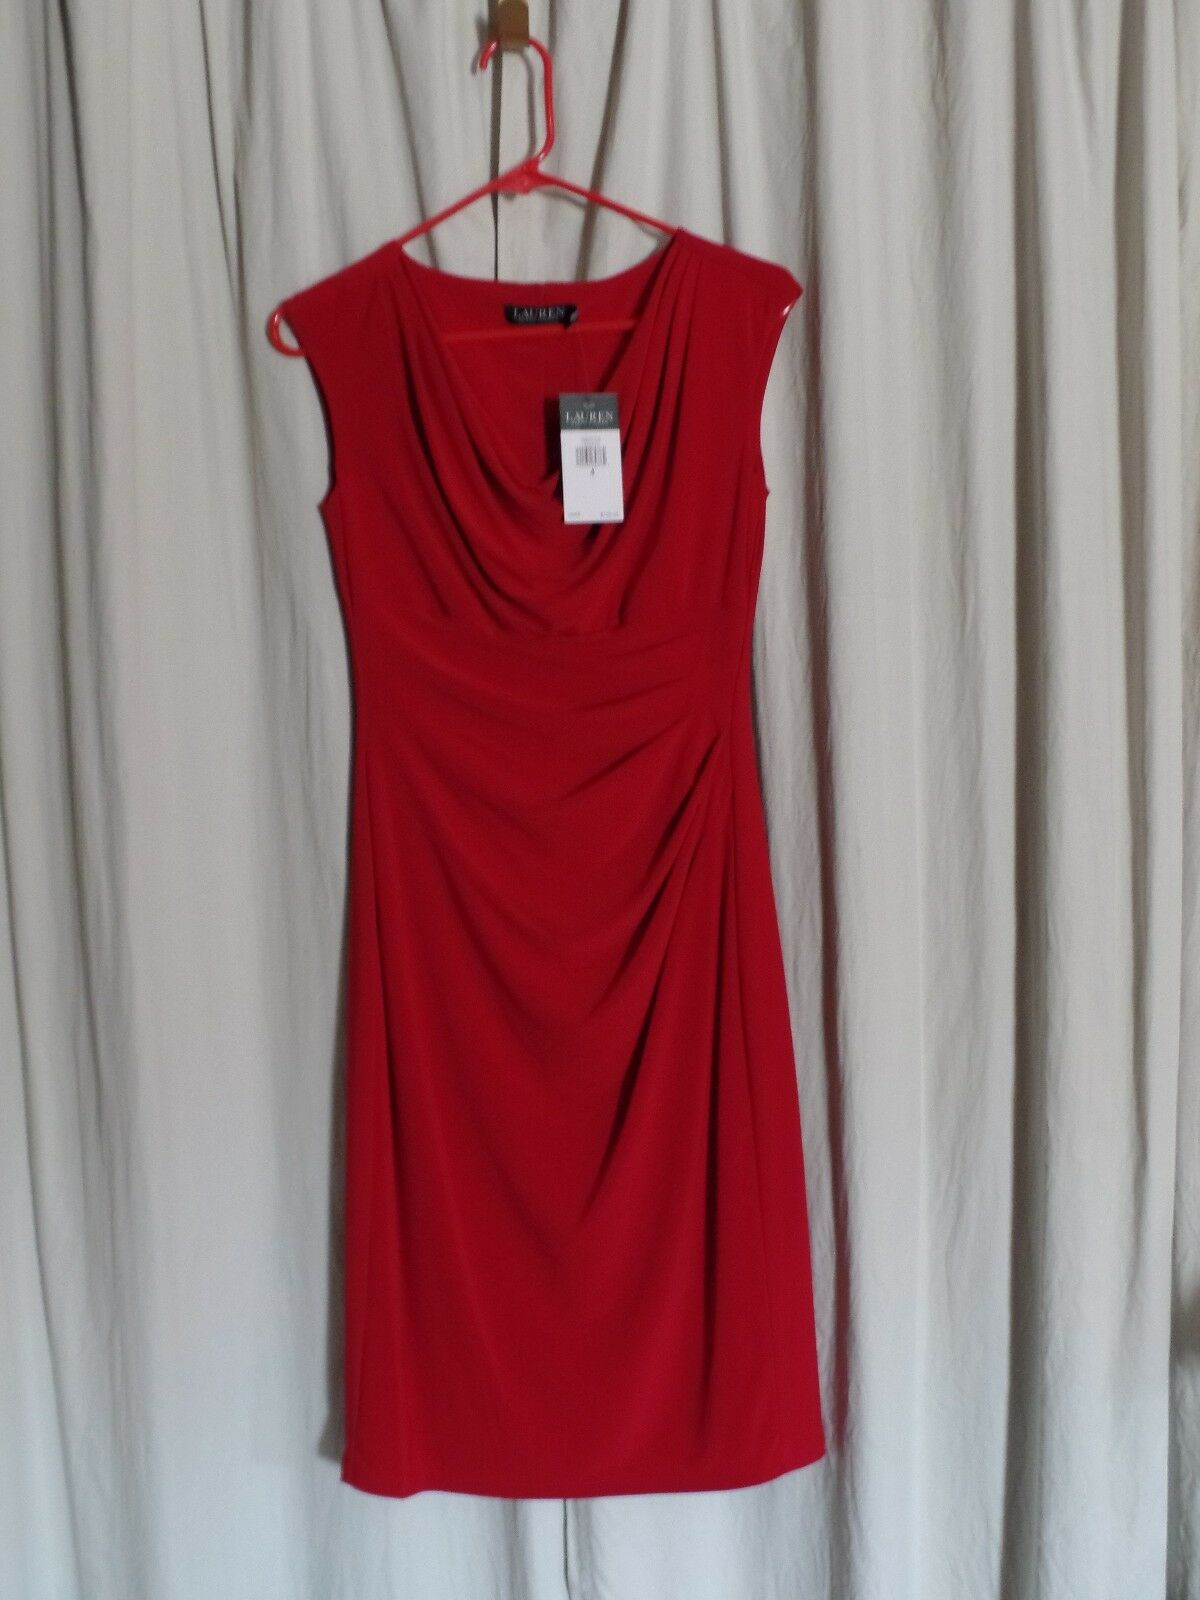 NWT Lauren Ralph Lauren Essentials Red Fit & Stretch Sheath Ruched Dress Size 4